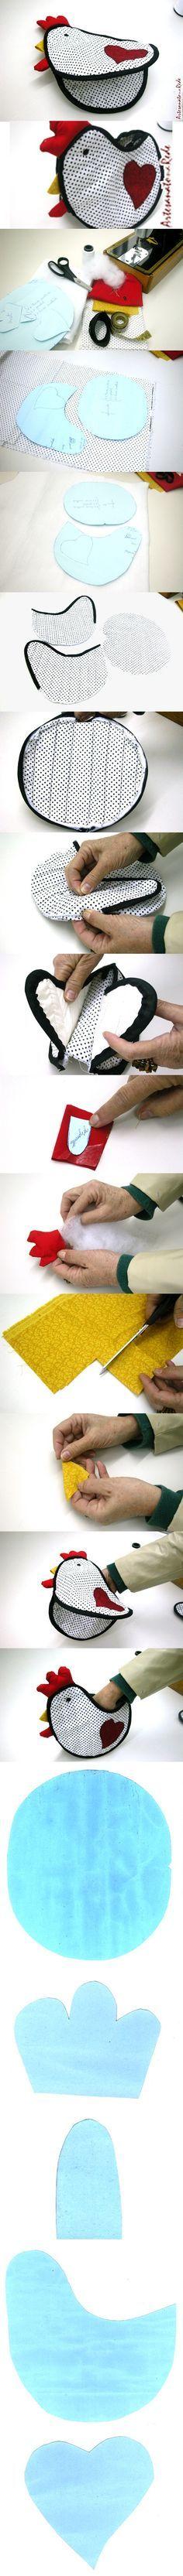 How to make chicken potholders - step by step images. - - - - - - - - - Pegador de Panelas galinha